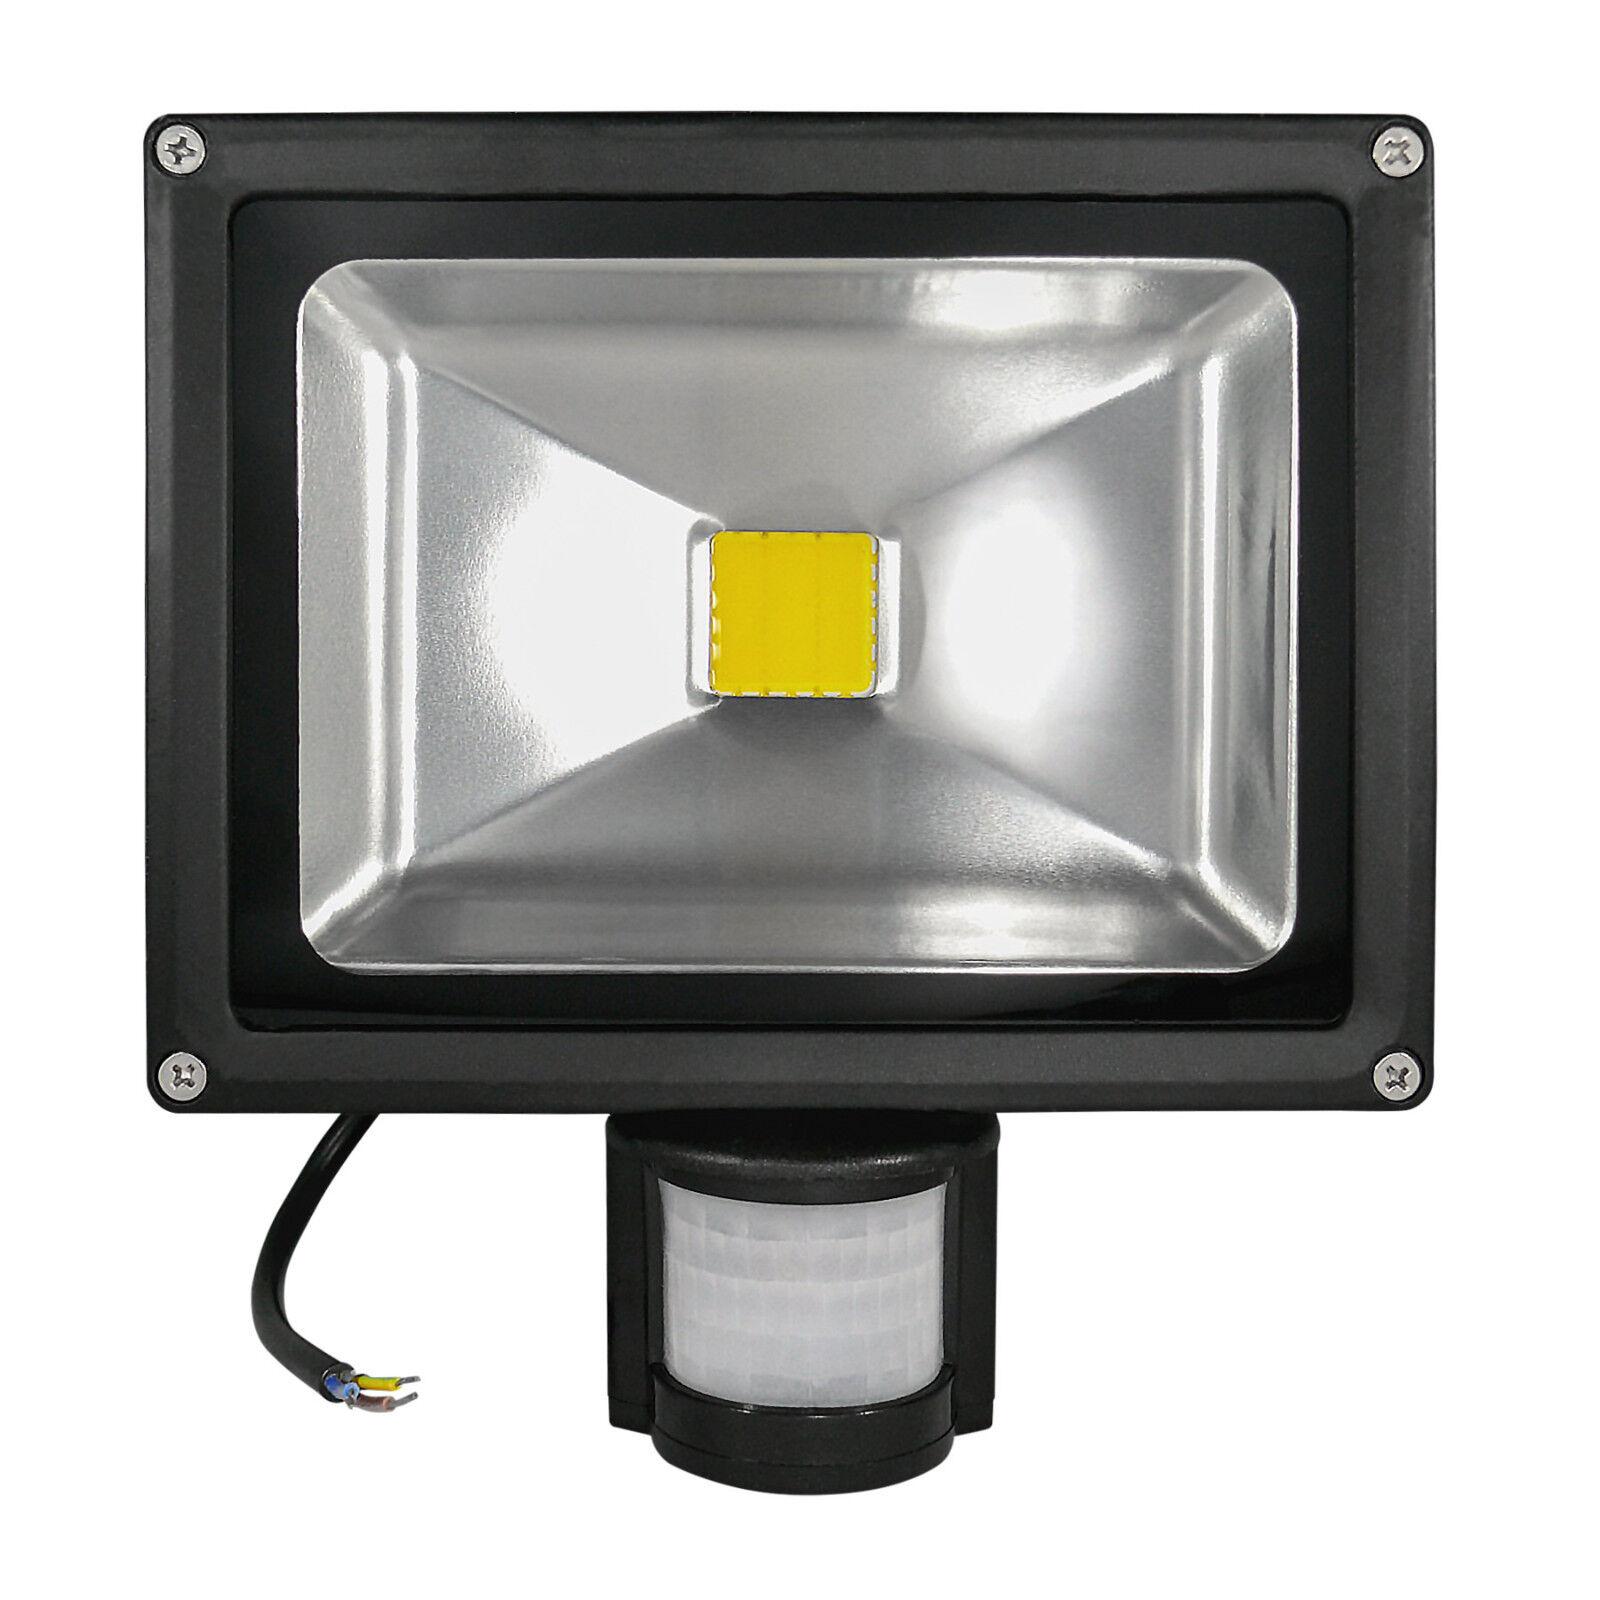 8x COB LED Strahler LED Fluter LED Flutlicht 20 Watt BM 3.000K Schwarzes Gehäuse